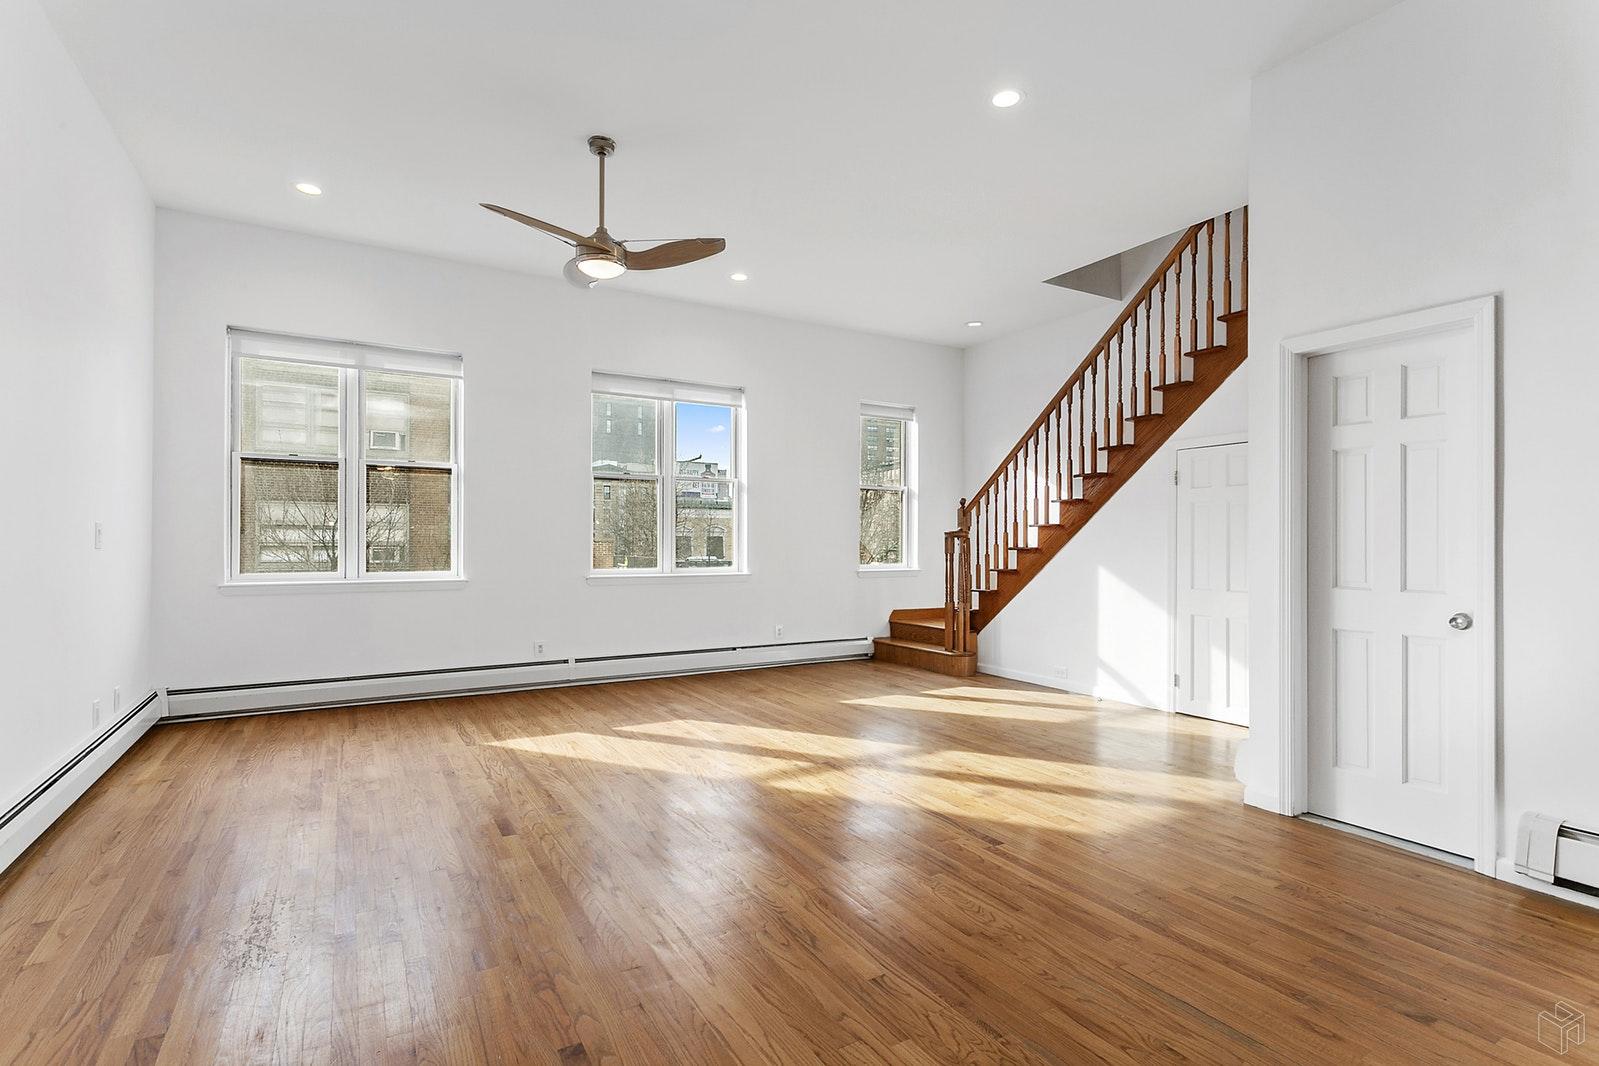 182 NORFOLK STREET 2, Lower East Side, $7,300, Web #: 19595500